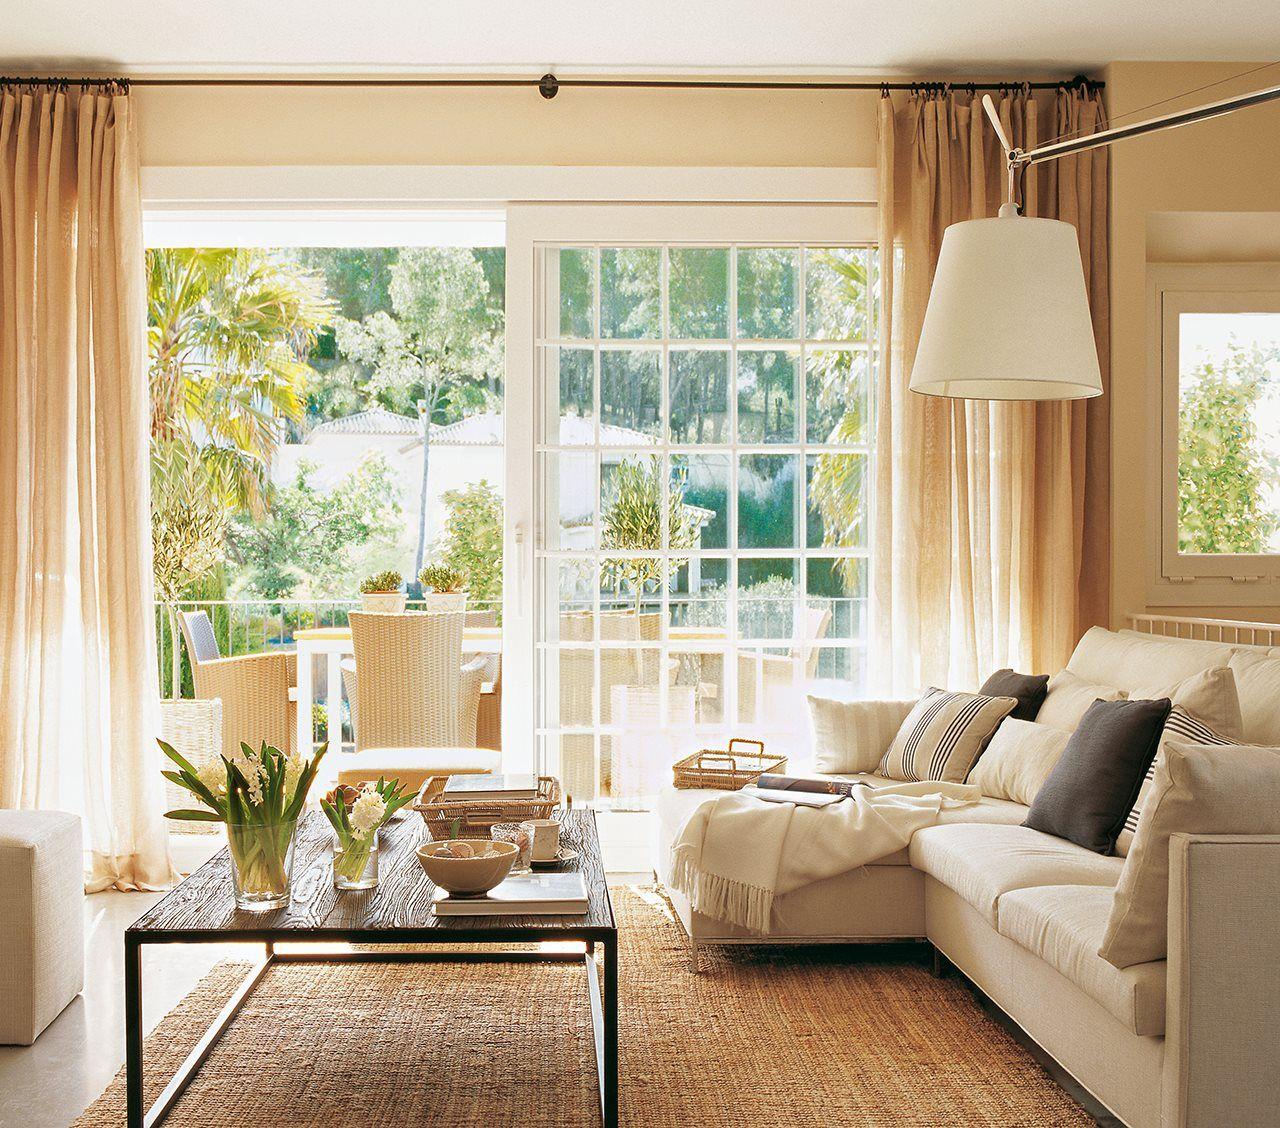 Living Room Decor - Wohnzimmer Dekor | Wohnzimmer | Pinterest ...